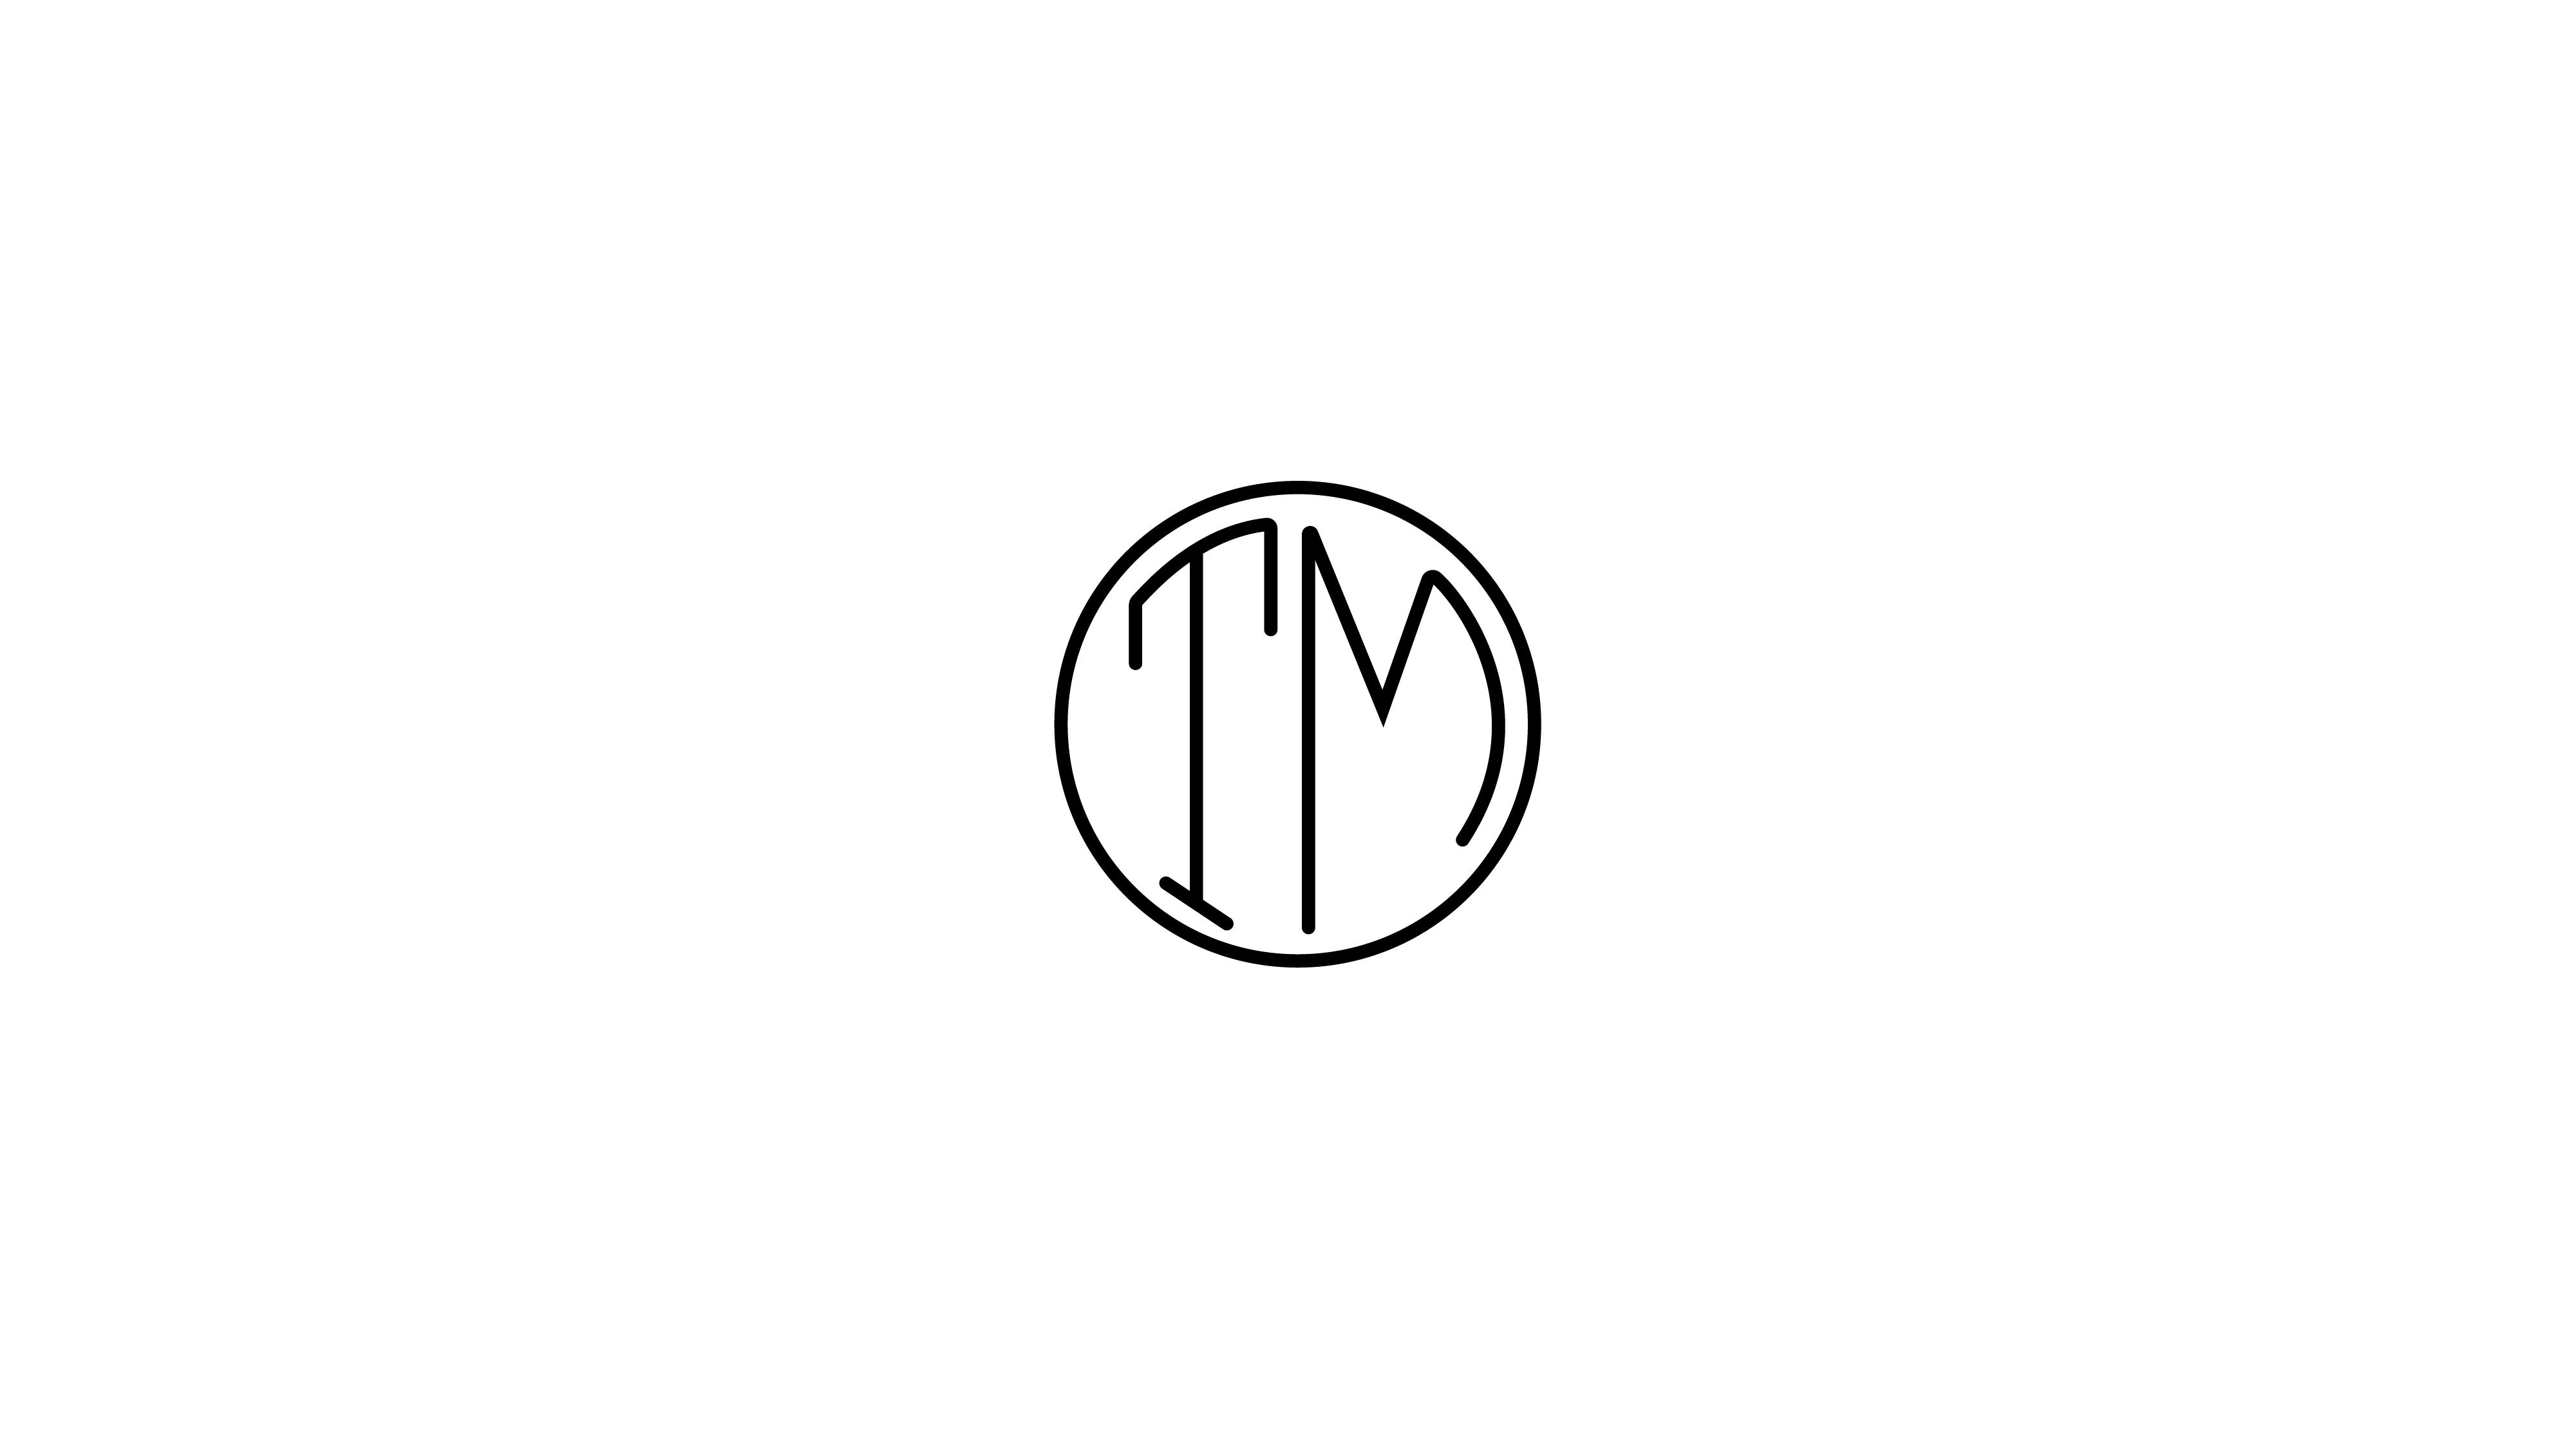 Редизайн логотипа магазина тату оборудования TattooMarket.ru фото f_2425c47f424795ef.png